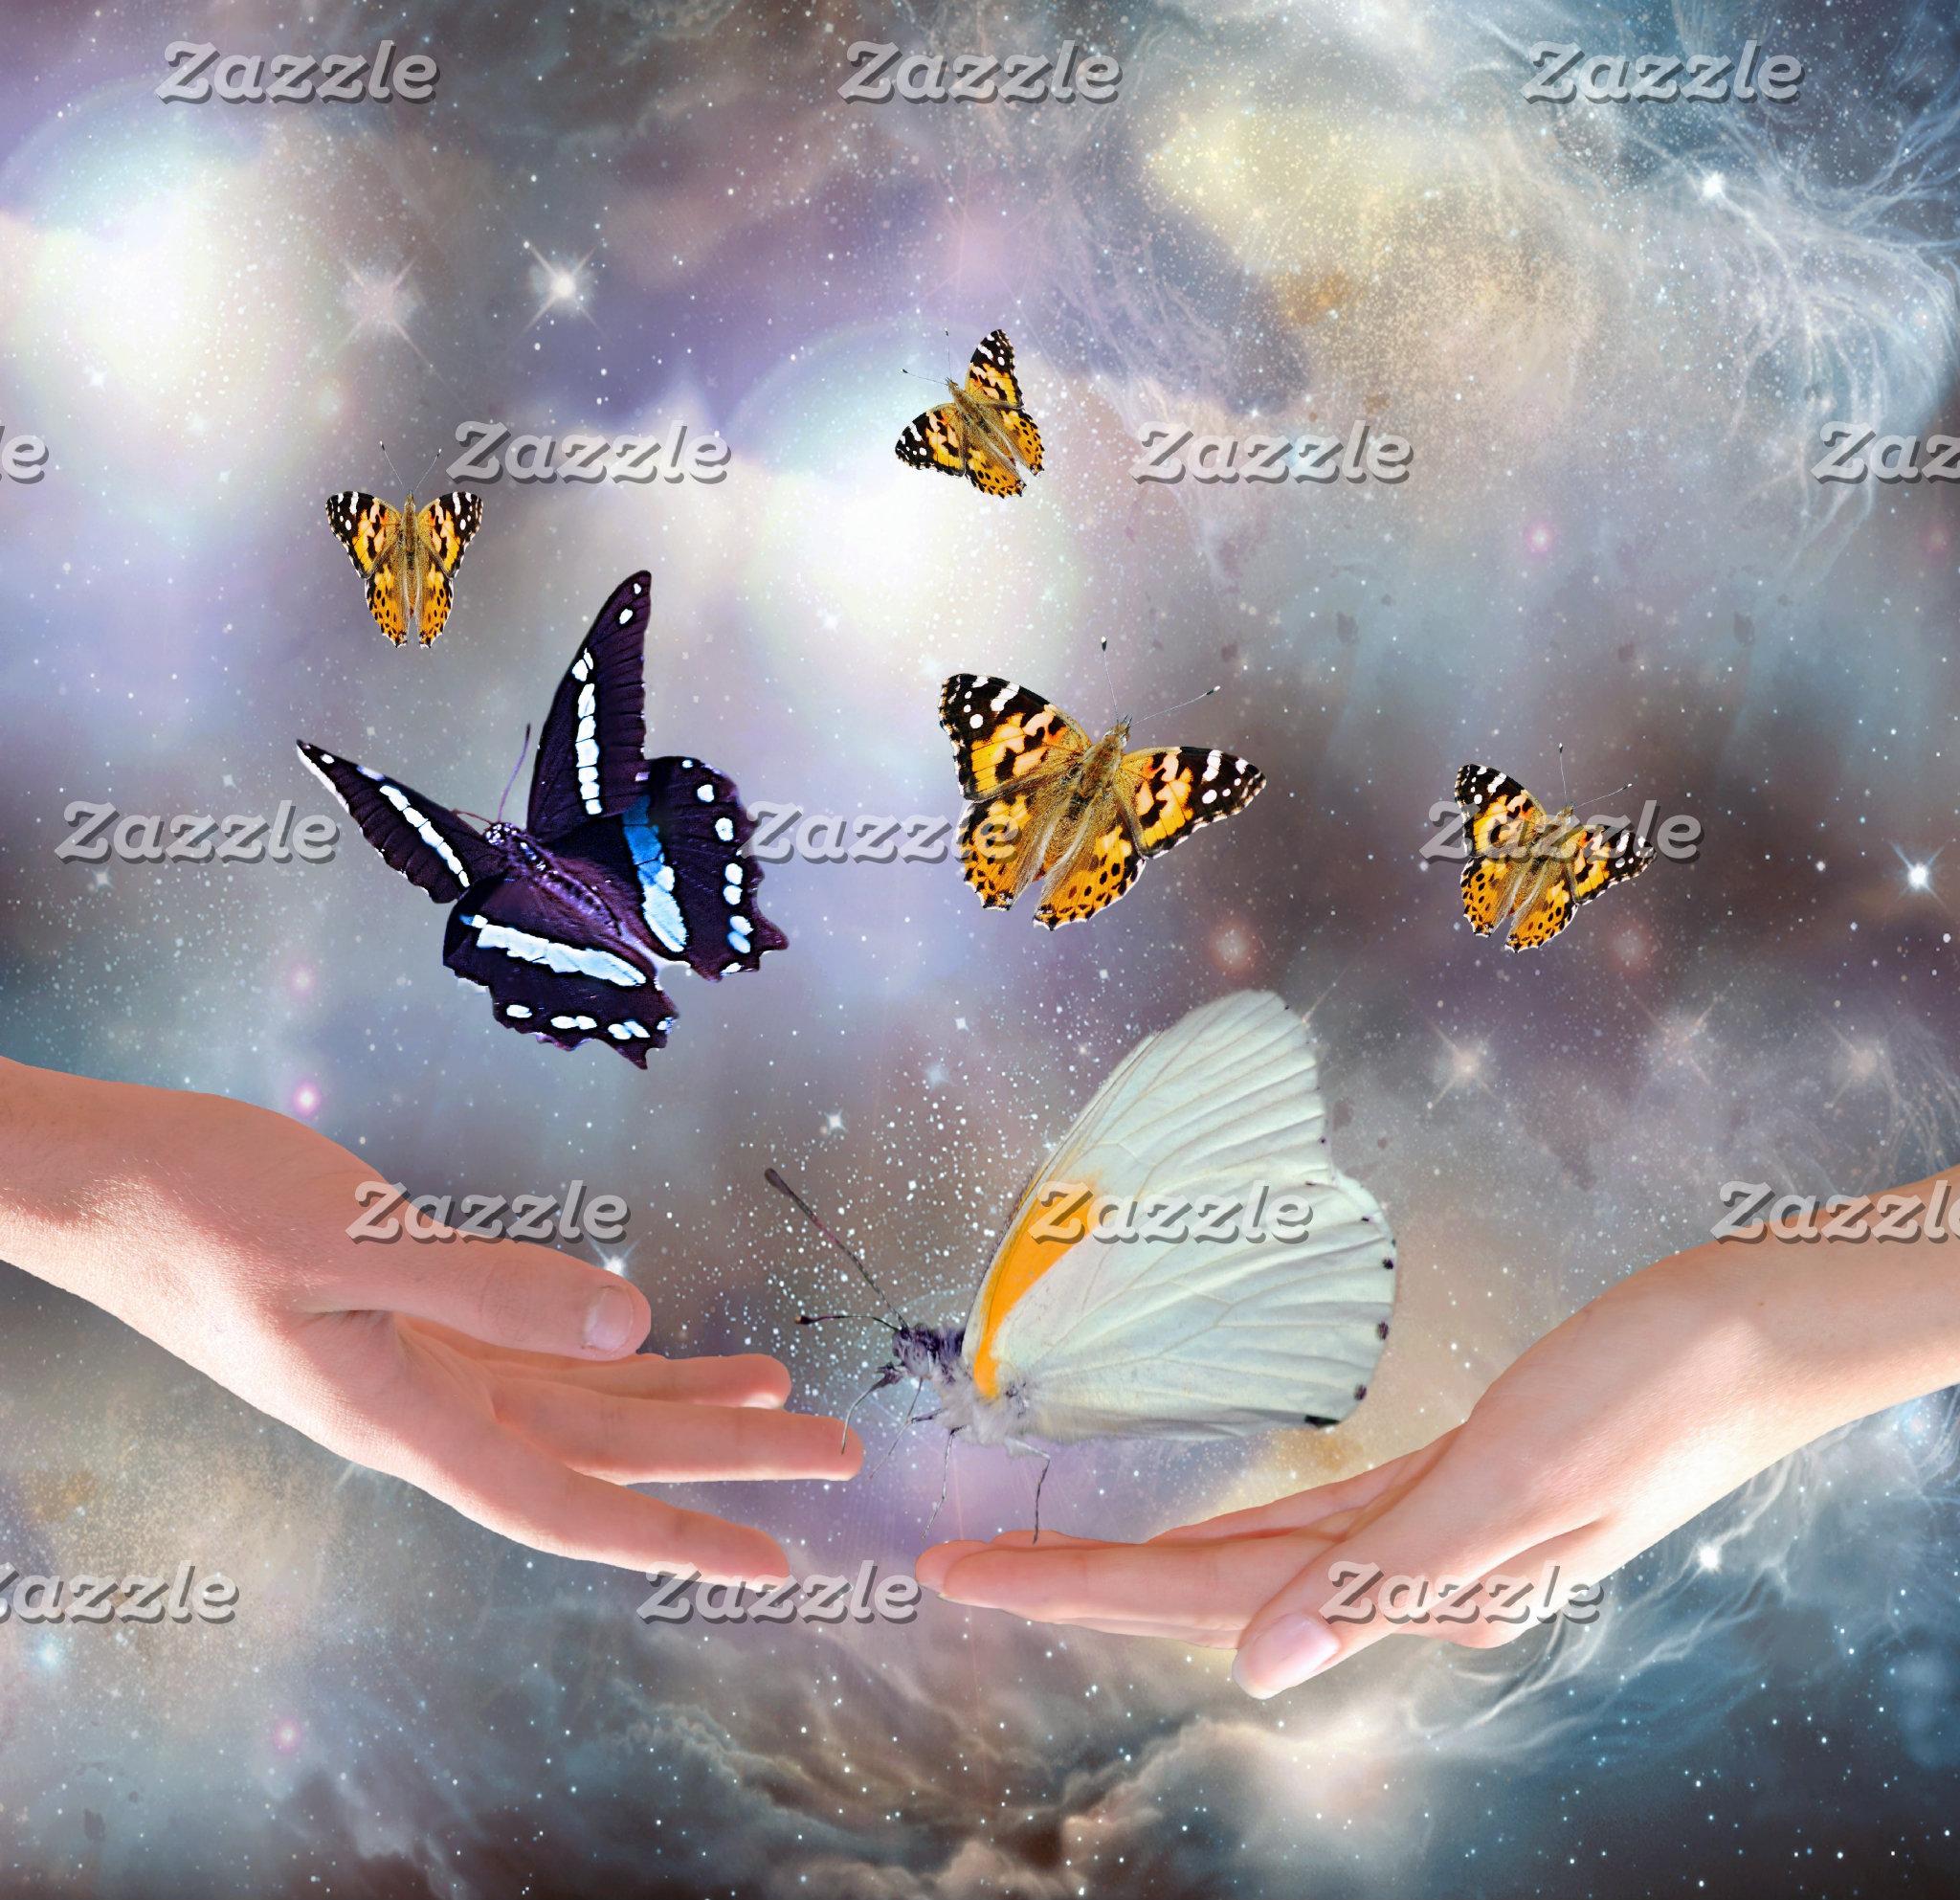 * Butterflies